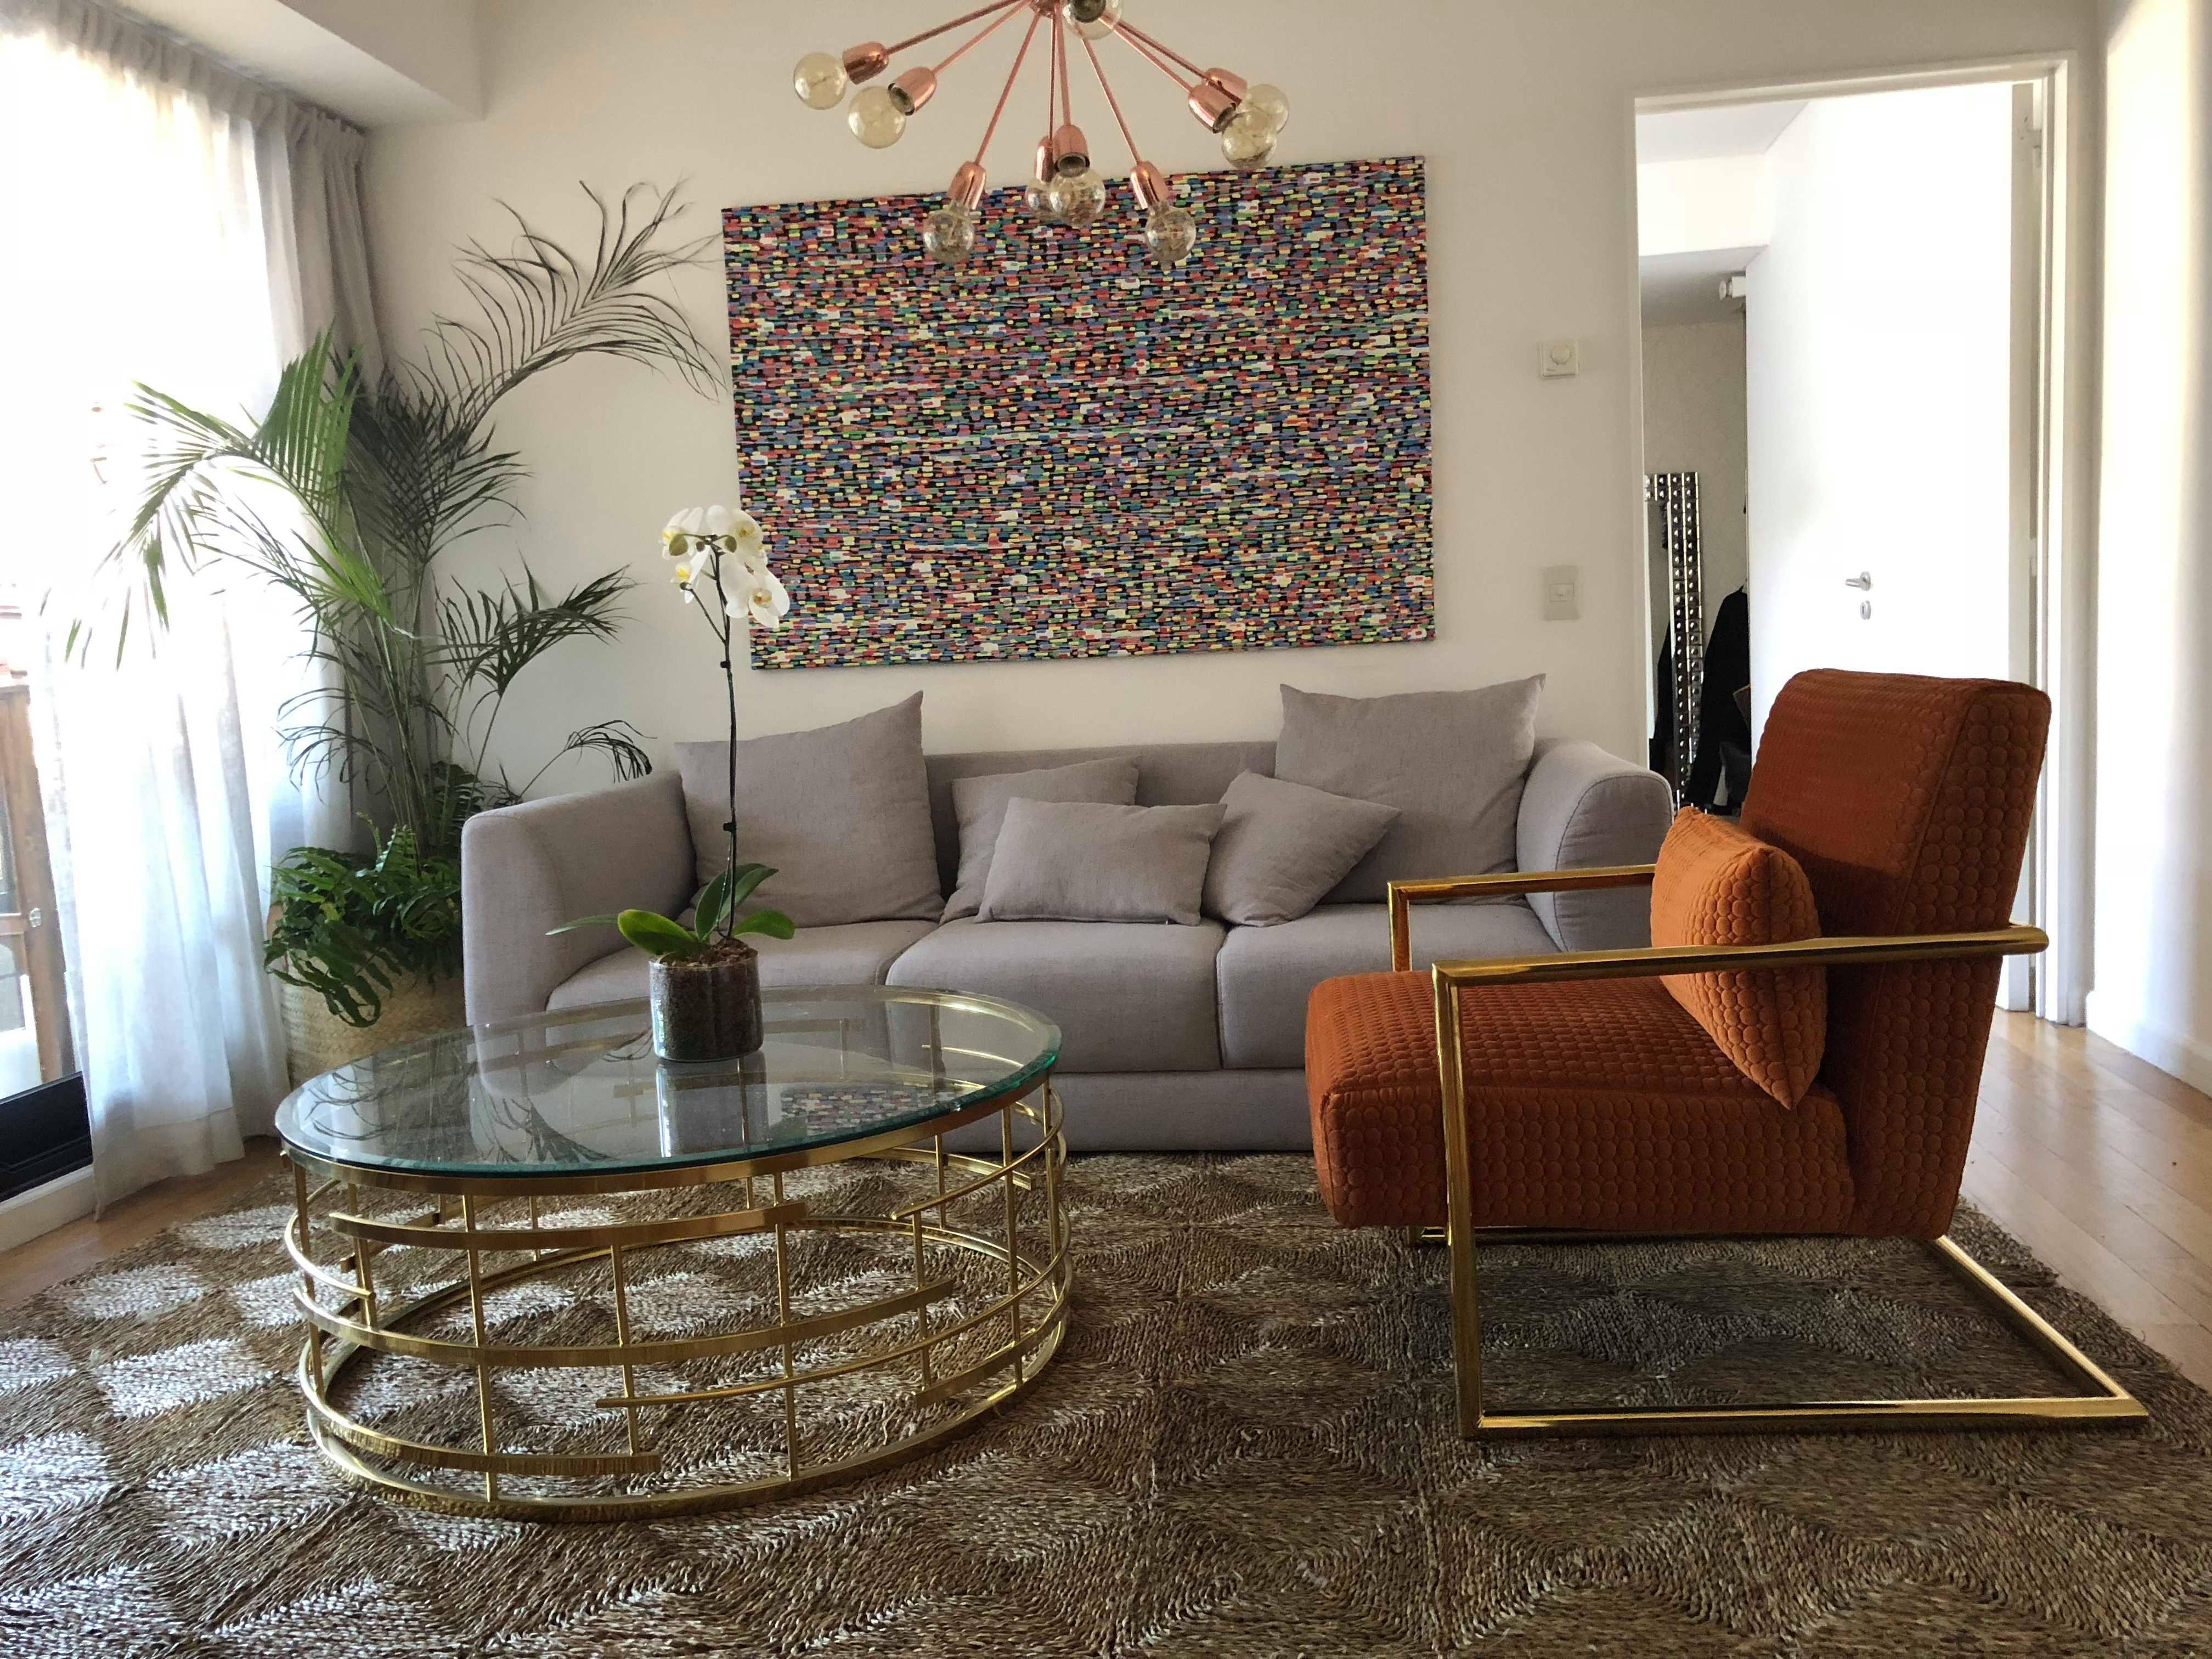 Capítulo 1 #StylishDECO: Eligiendo los muebles en KARE